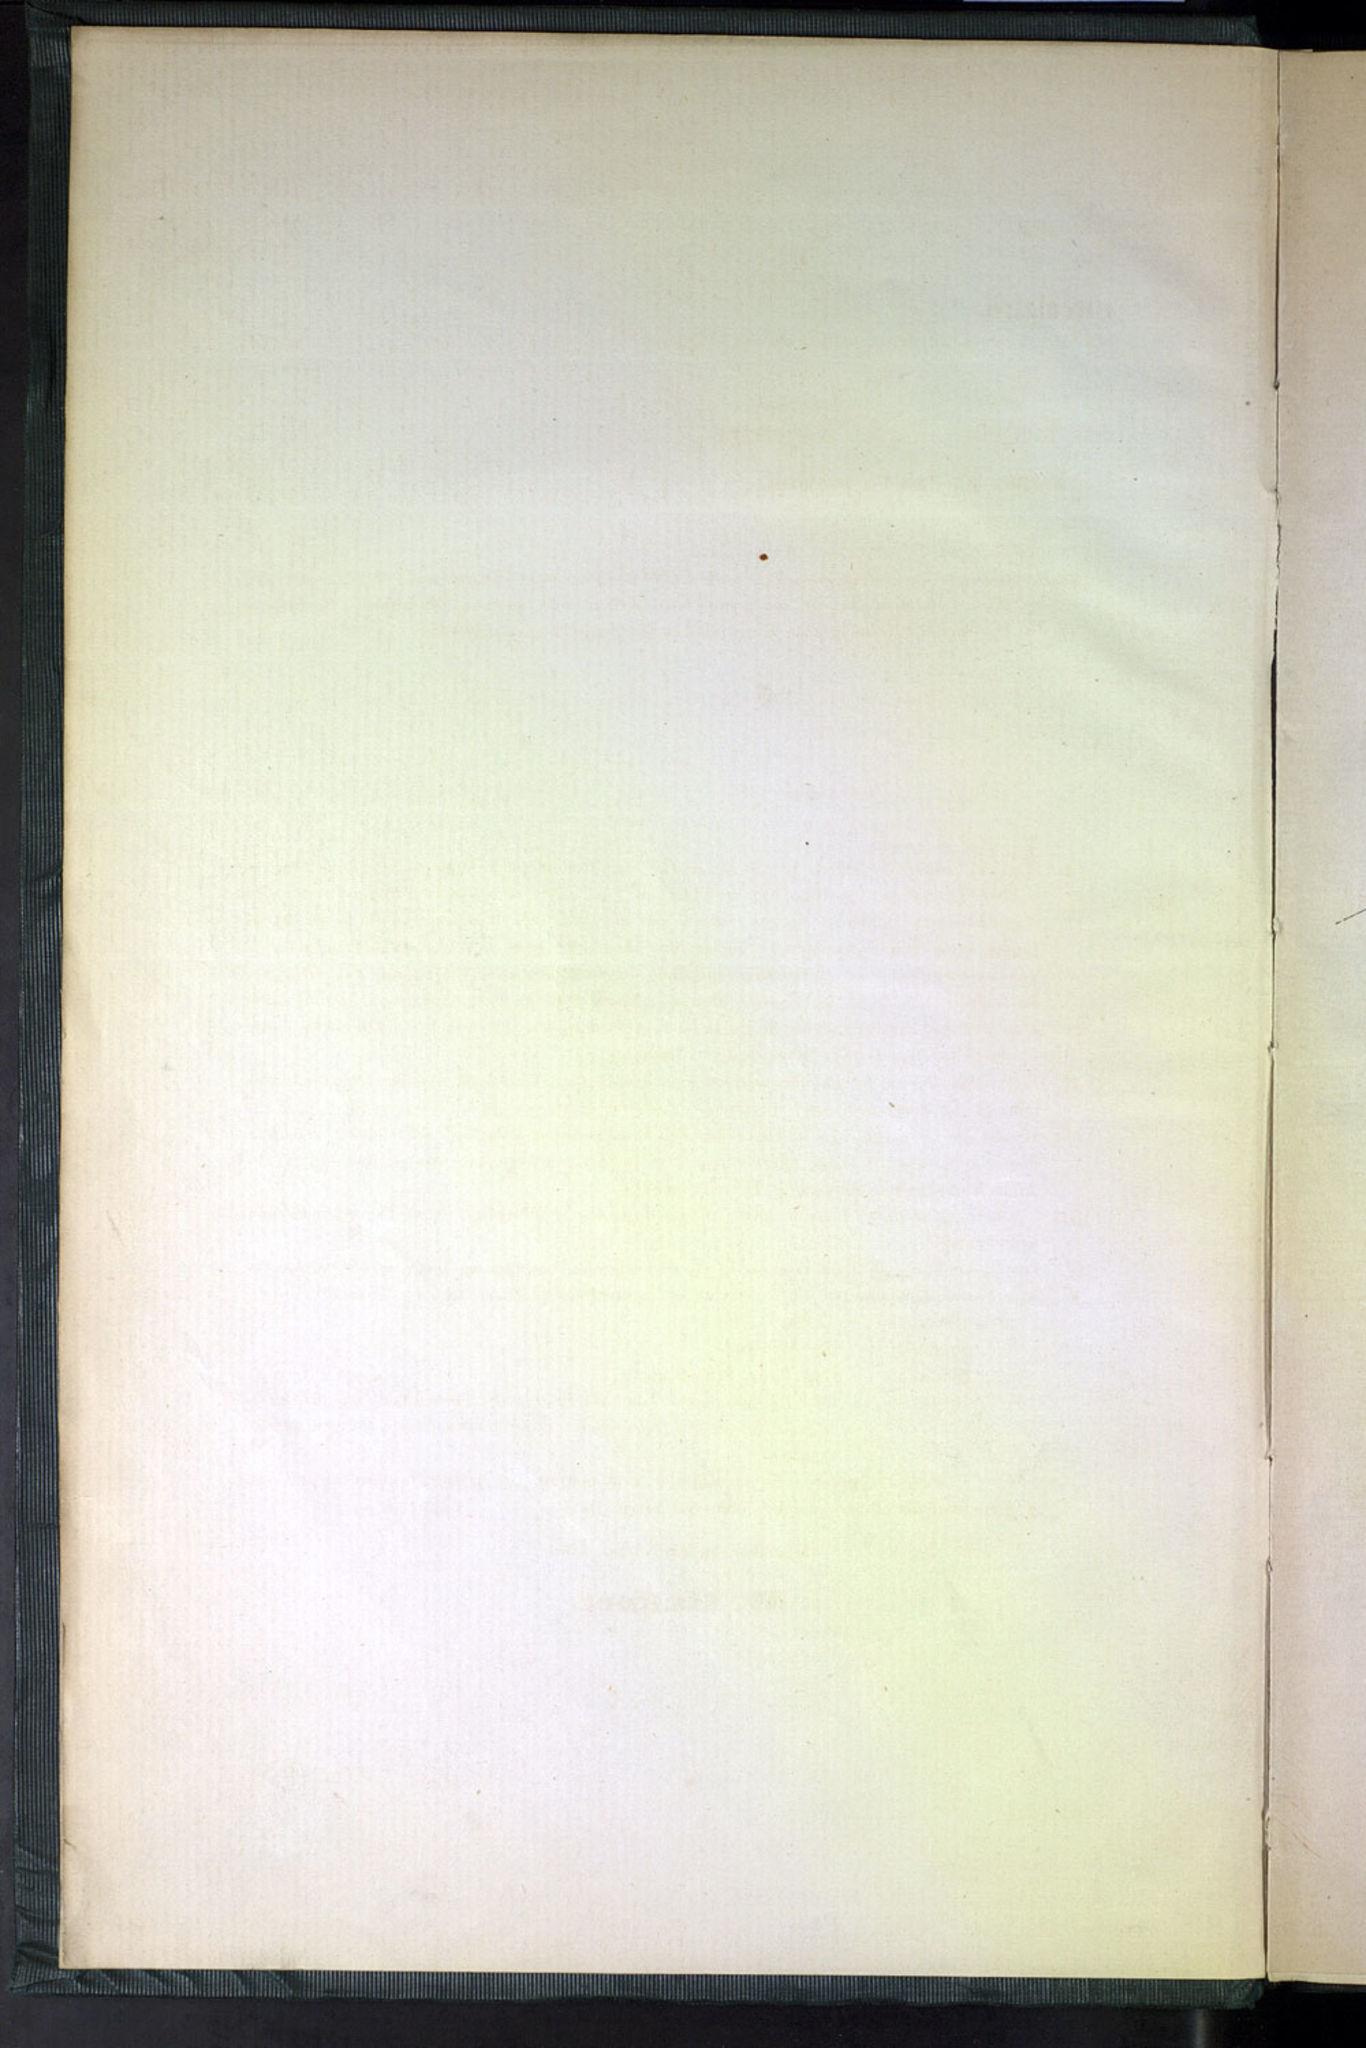 NOPO, Norges Postmuseums bibliotek, -/-: Sirkulærer fra Den Kongelige Norske Regjerings Marine- og Postdepartement, 1863